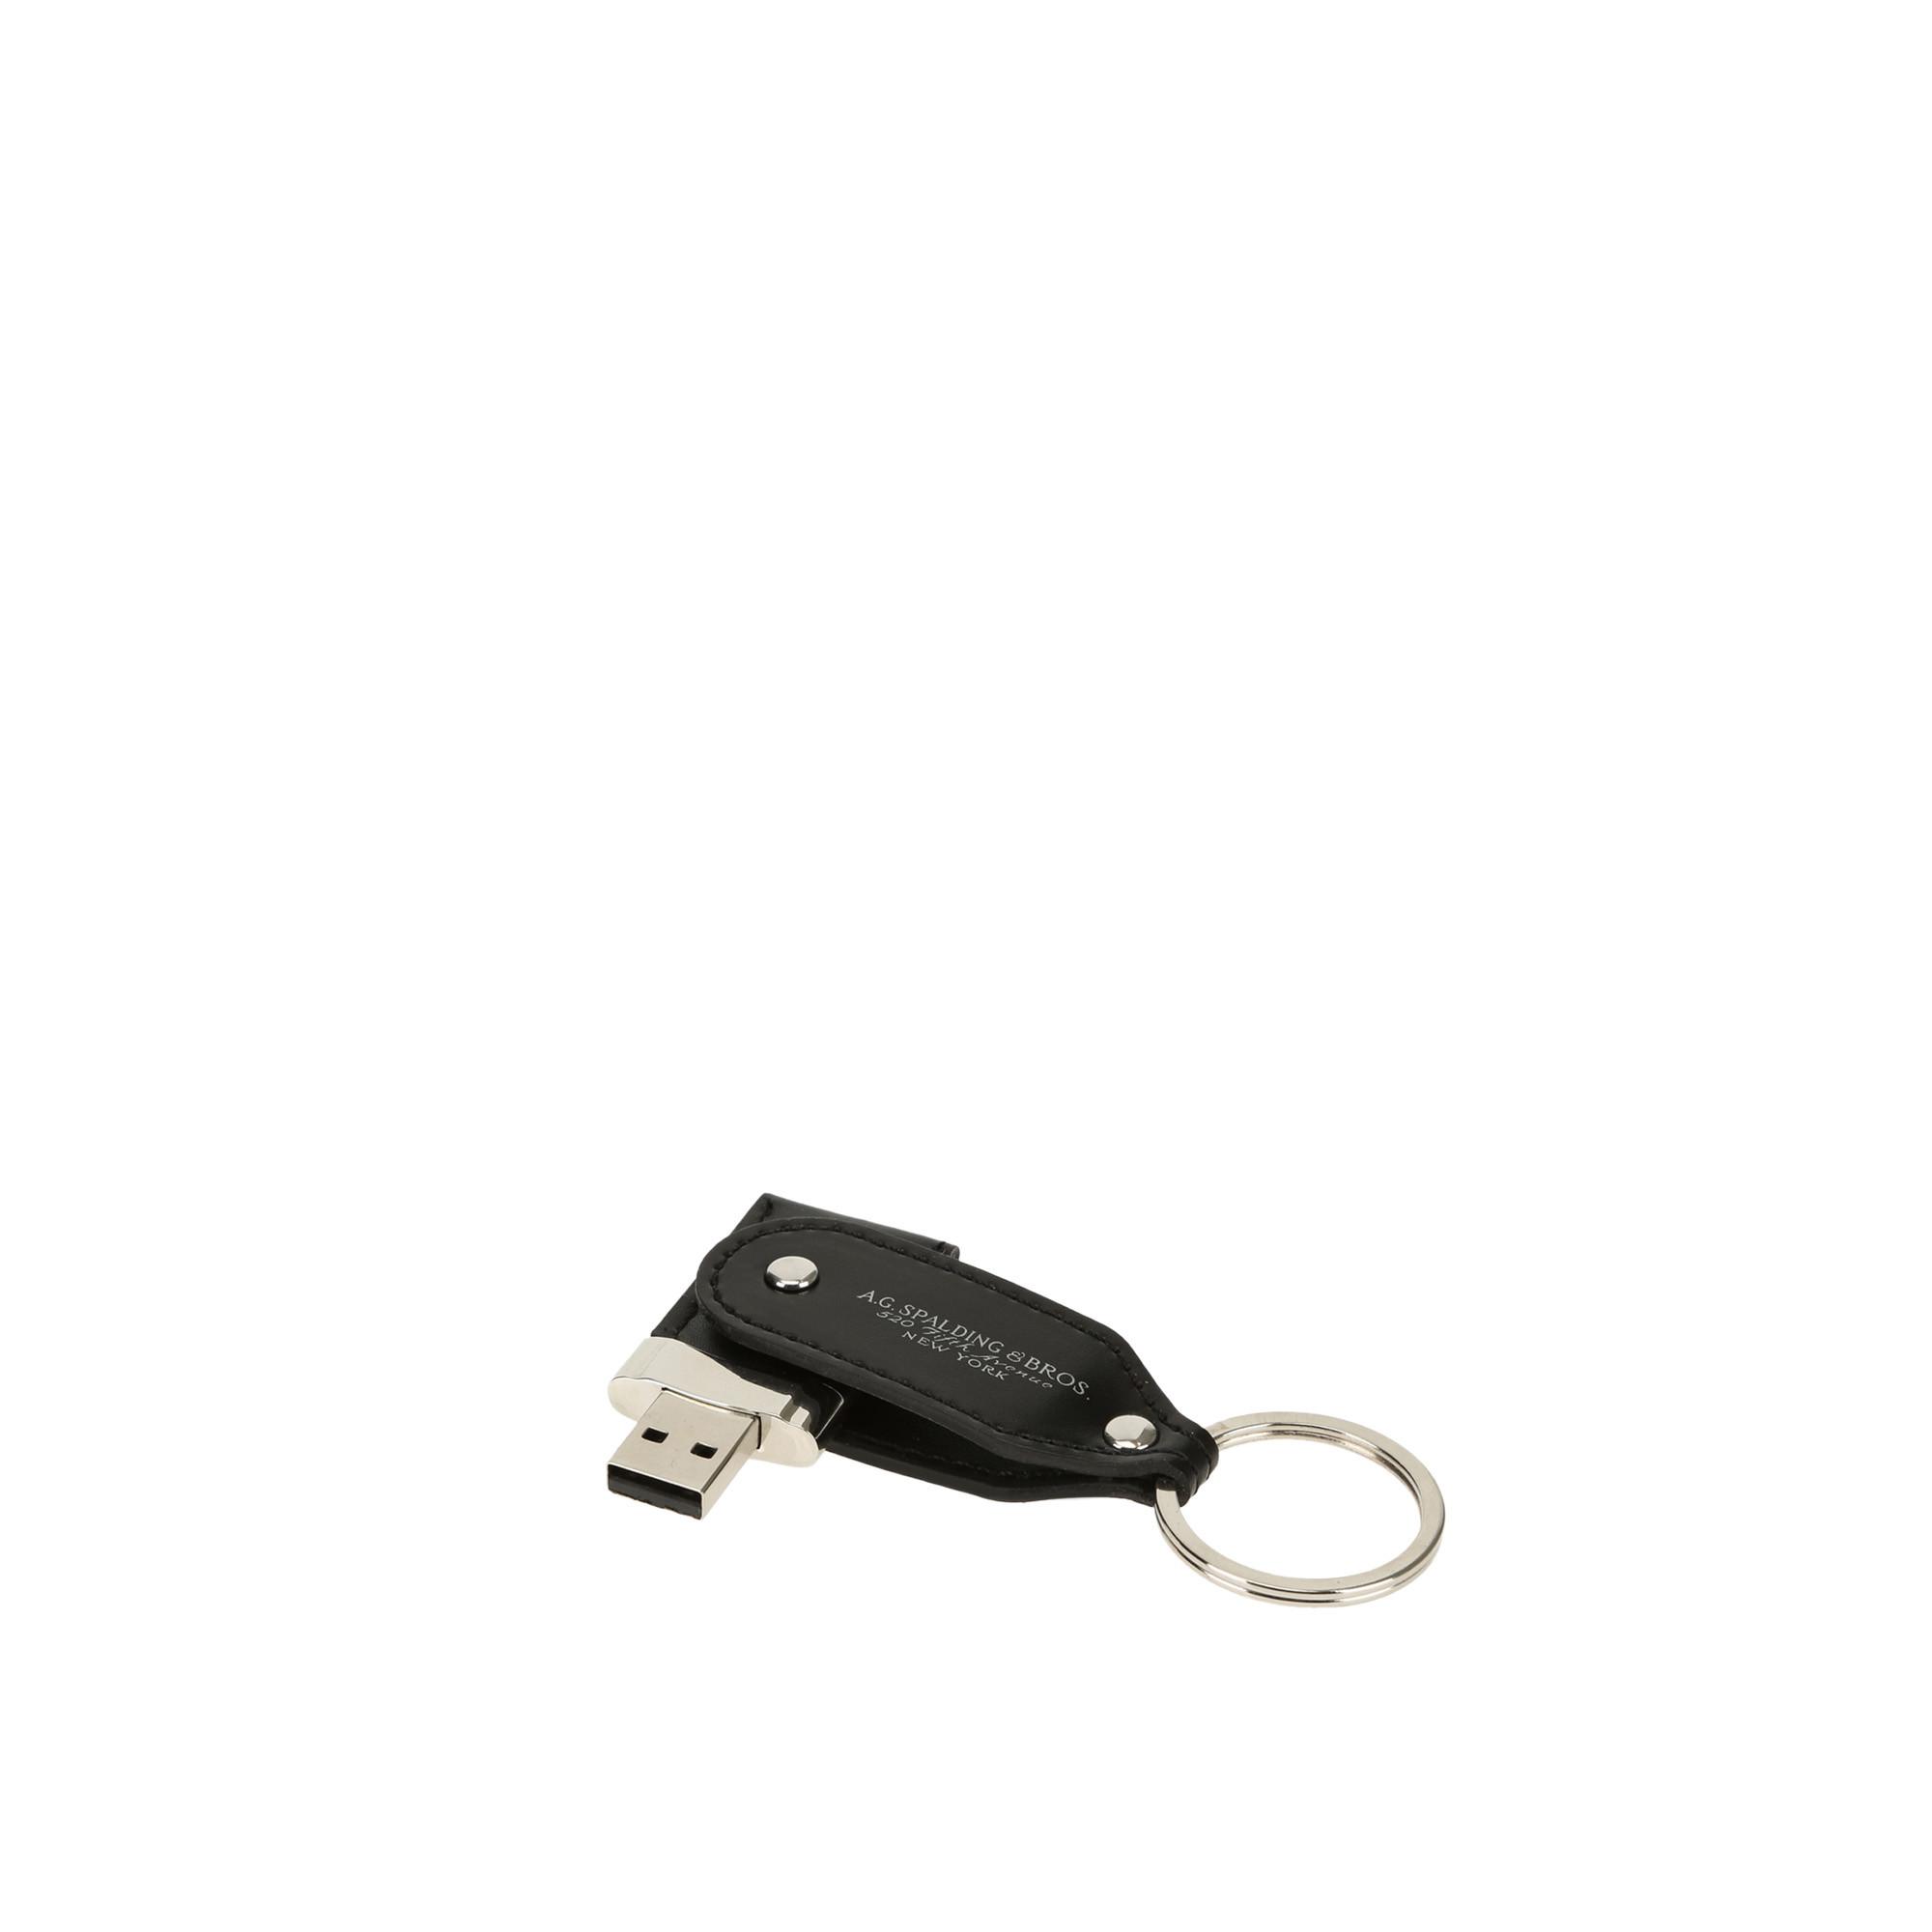 Spalding e Bros Portachiavi con chiavetta USB 16GB in pelle Nero